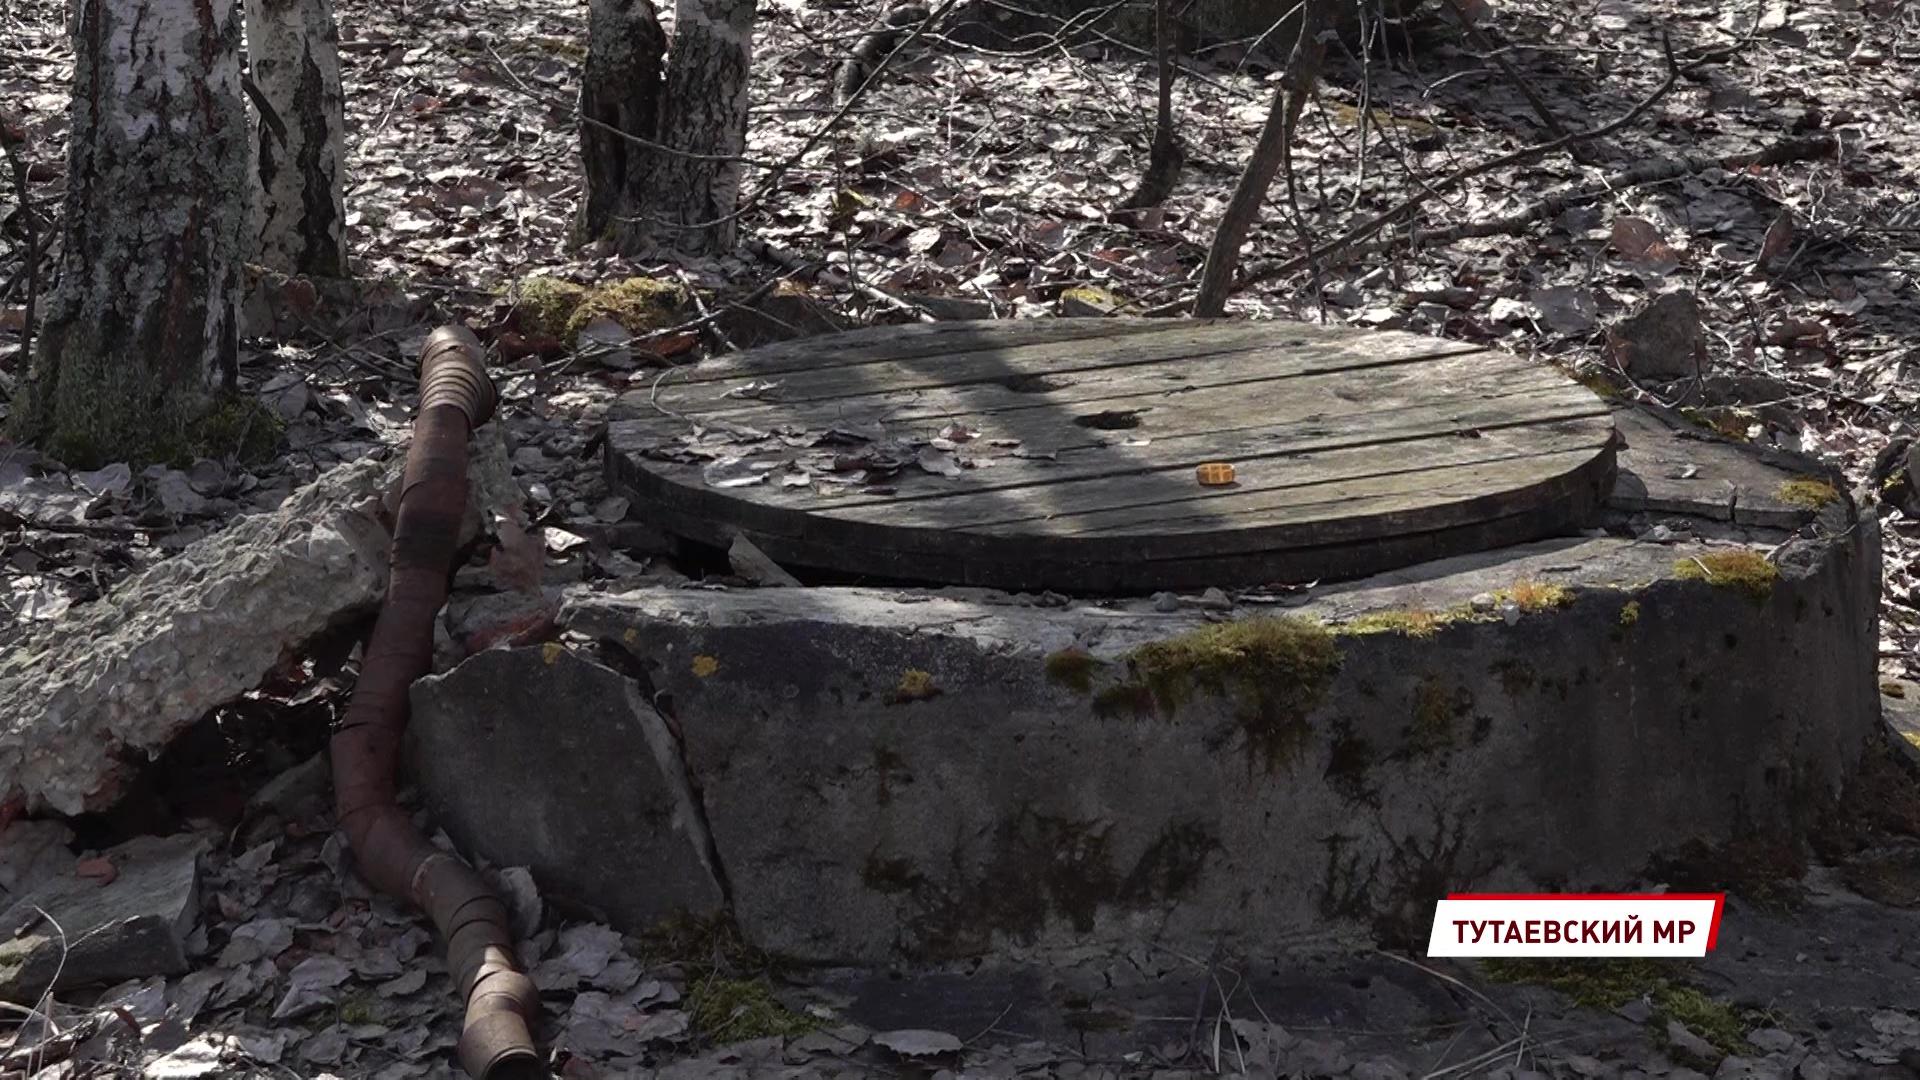 Жителей Константиновского обеспокоили фотографии колодца с мазутом у реки